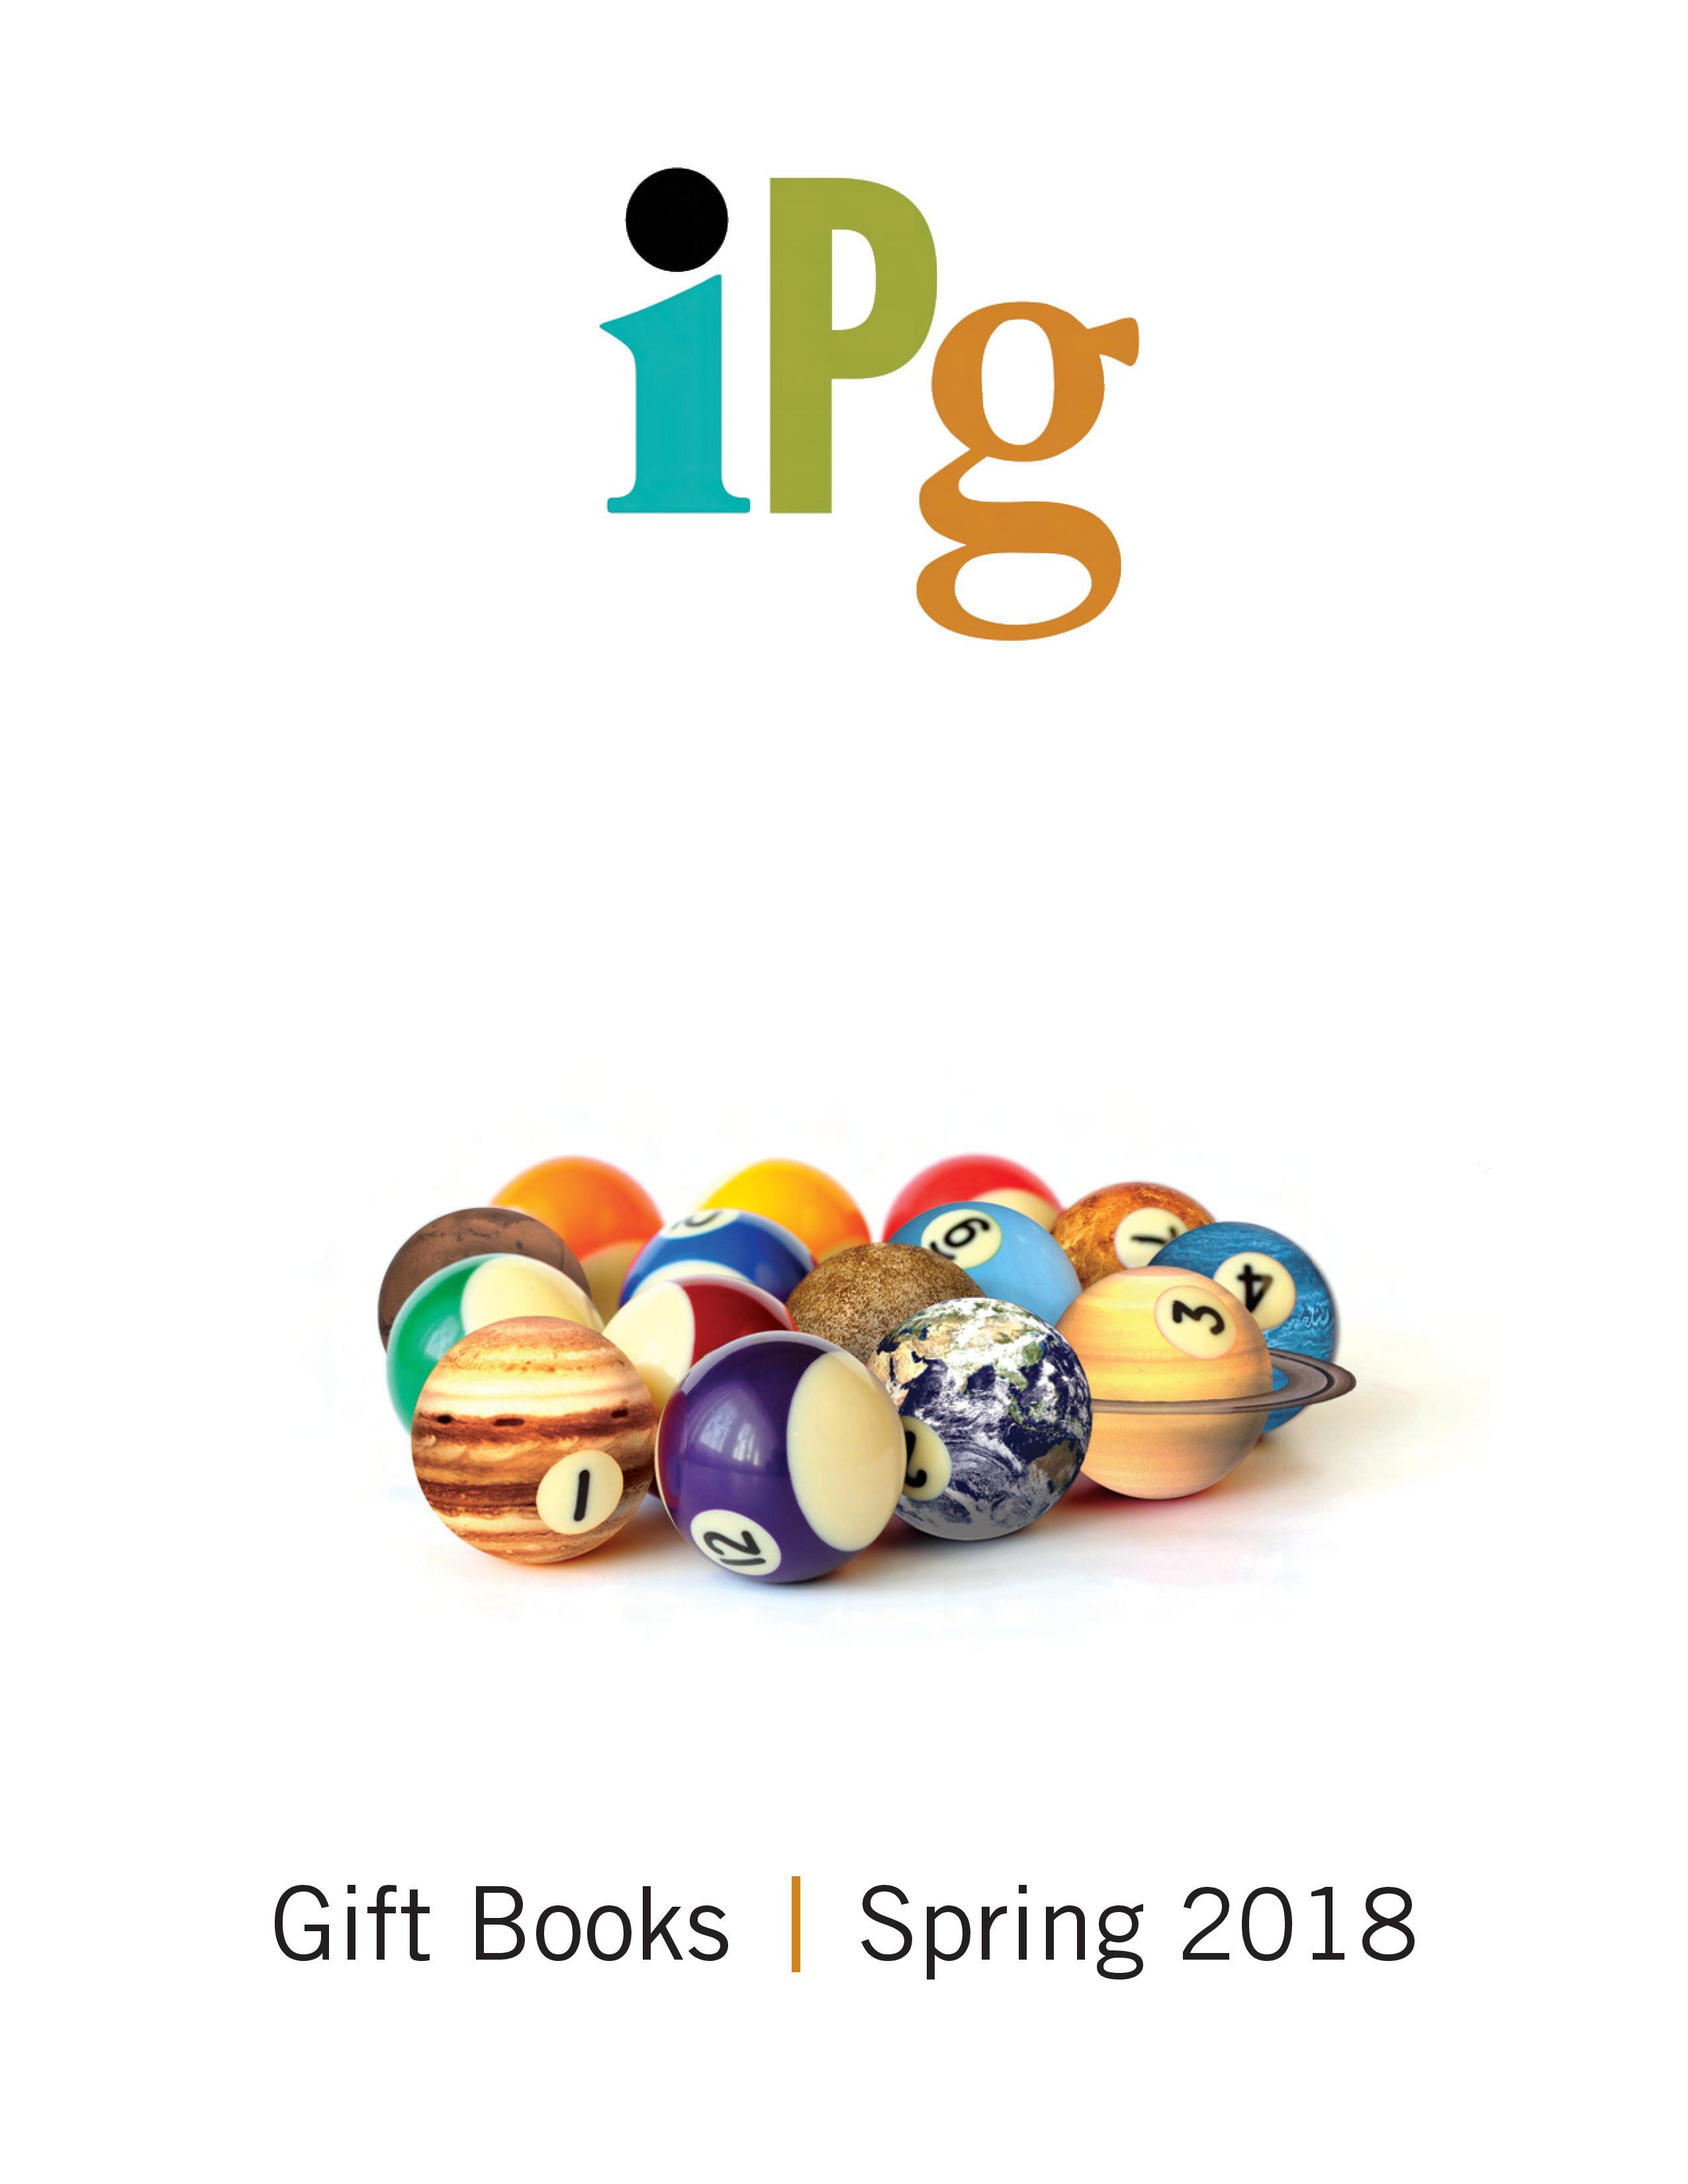 IPG Spring 2018 Gift Books Catalog